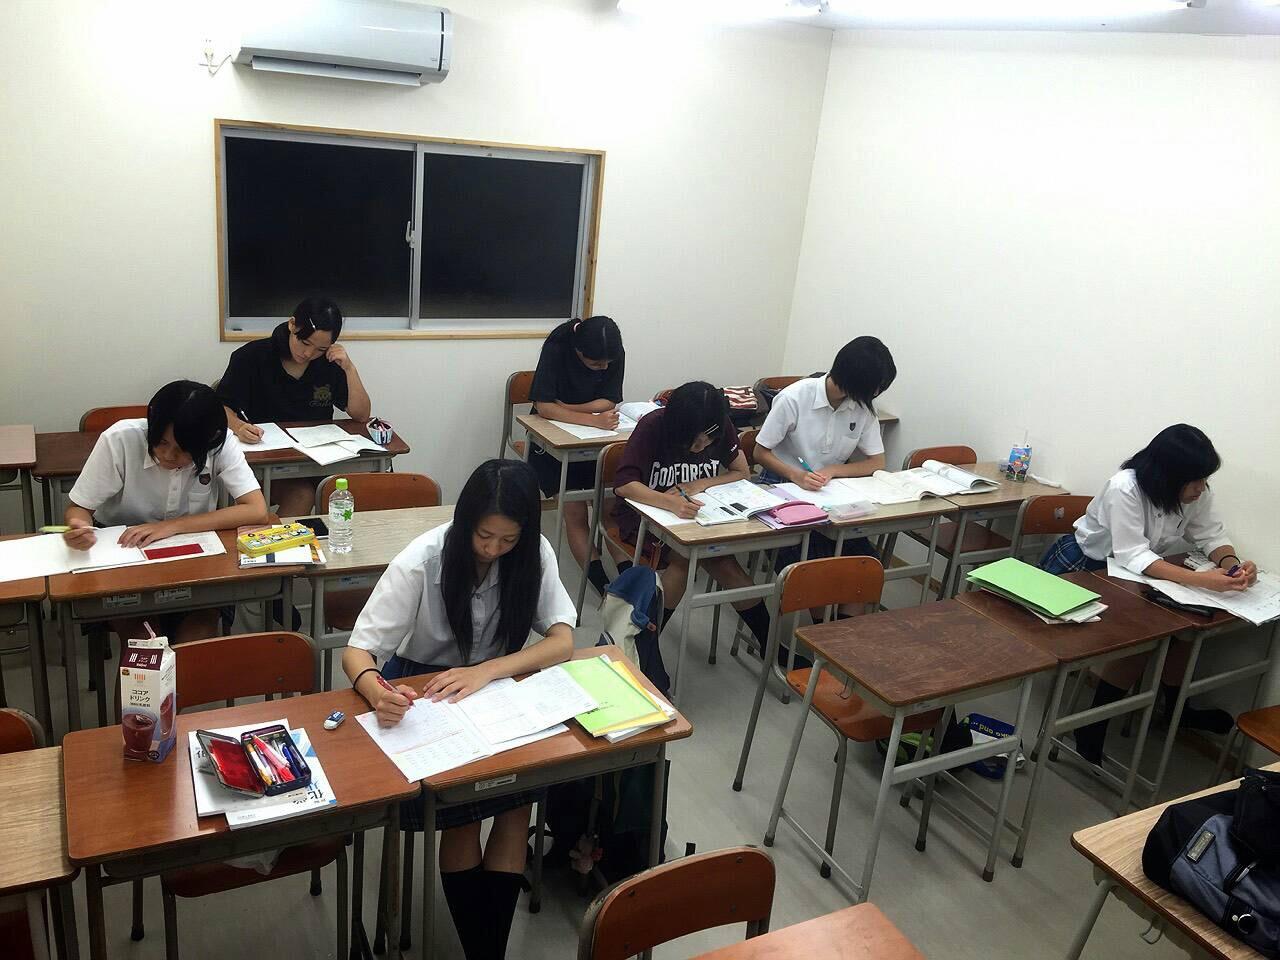 勉強が好きな生徒が多く、常に問題を解いています!